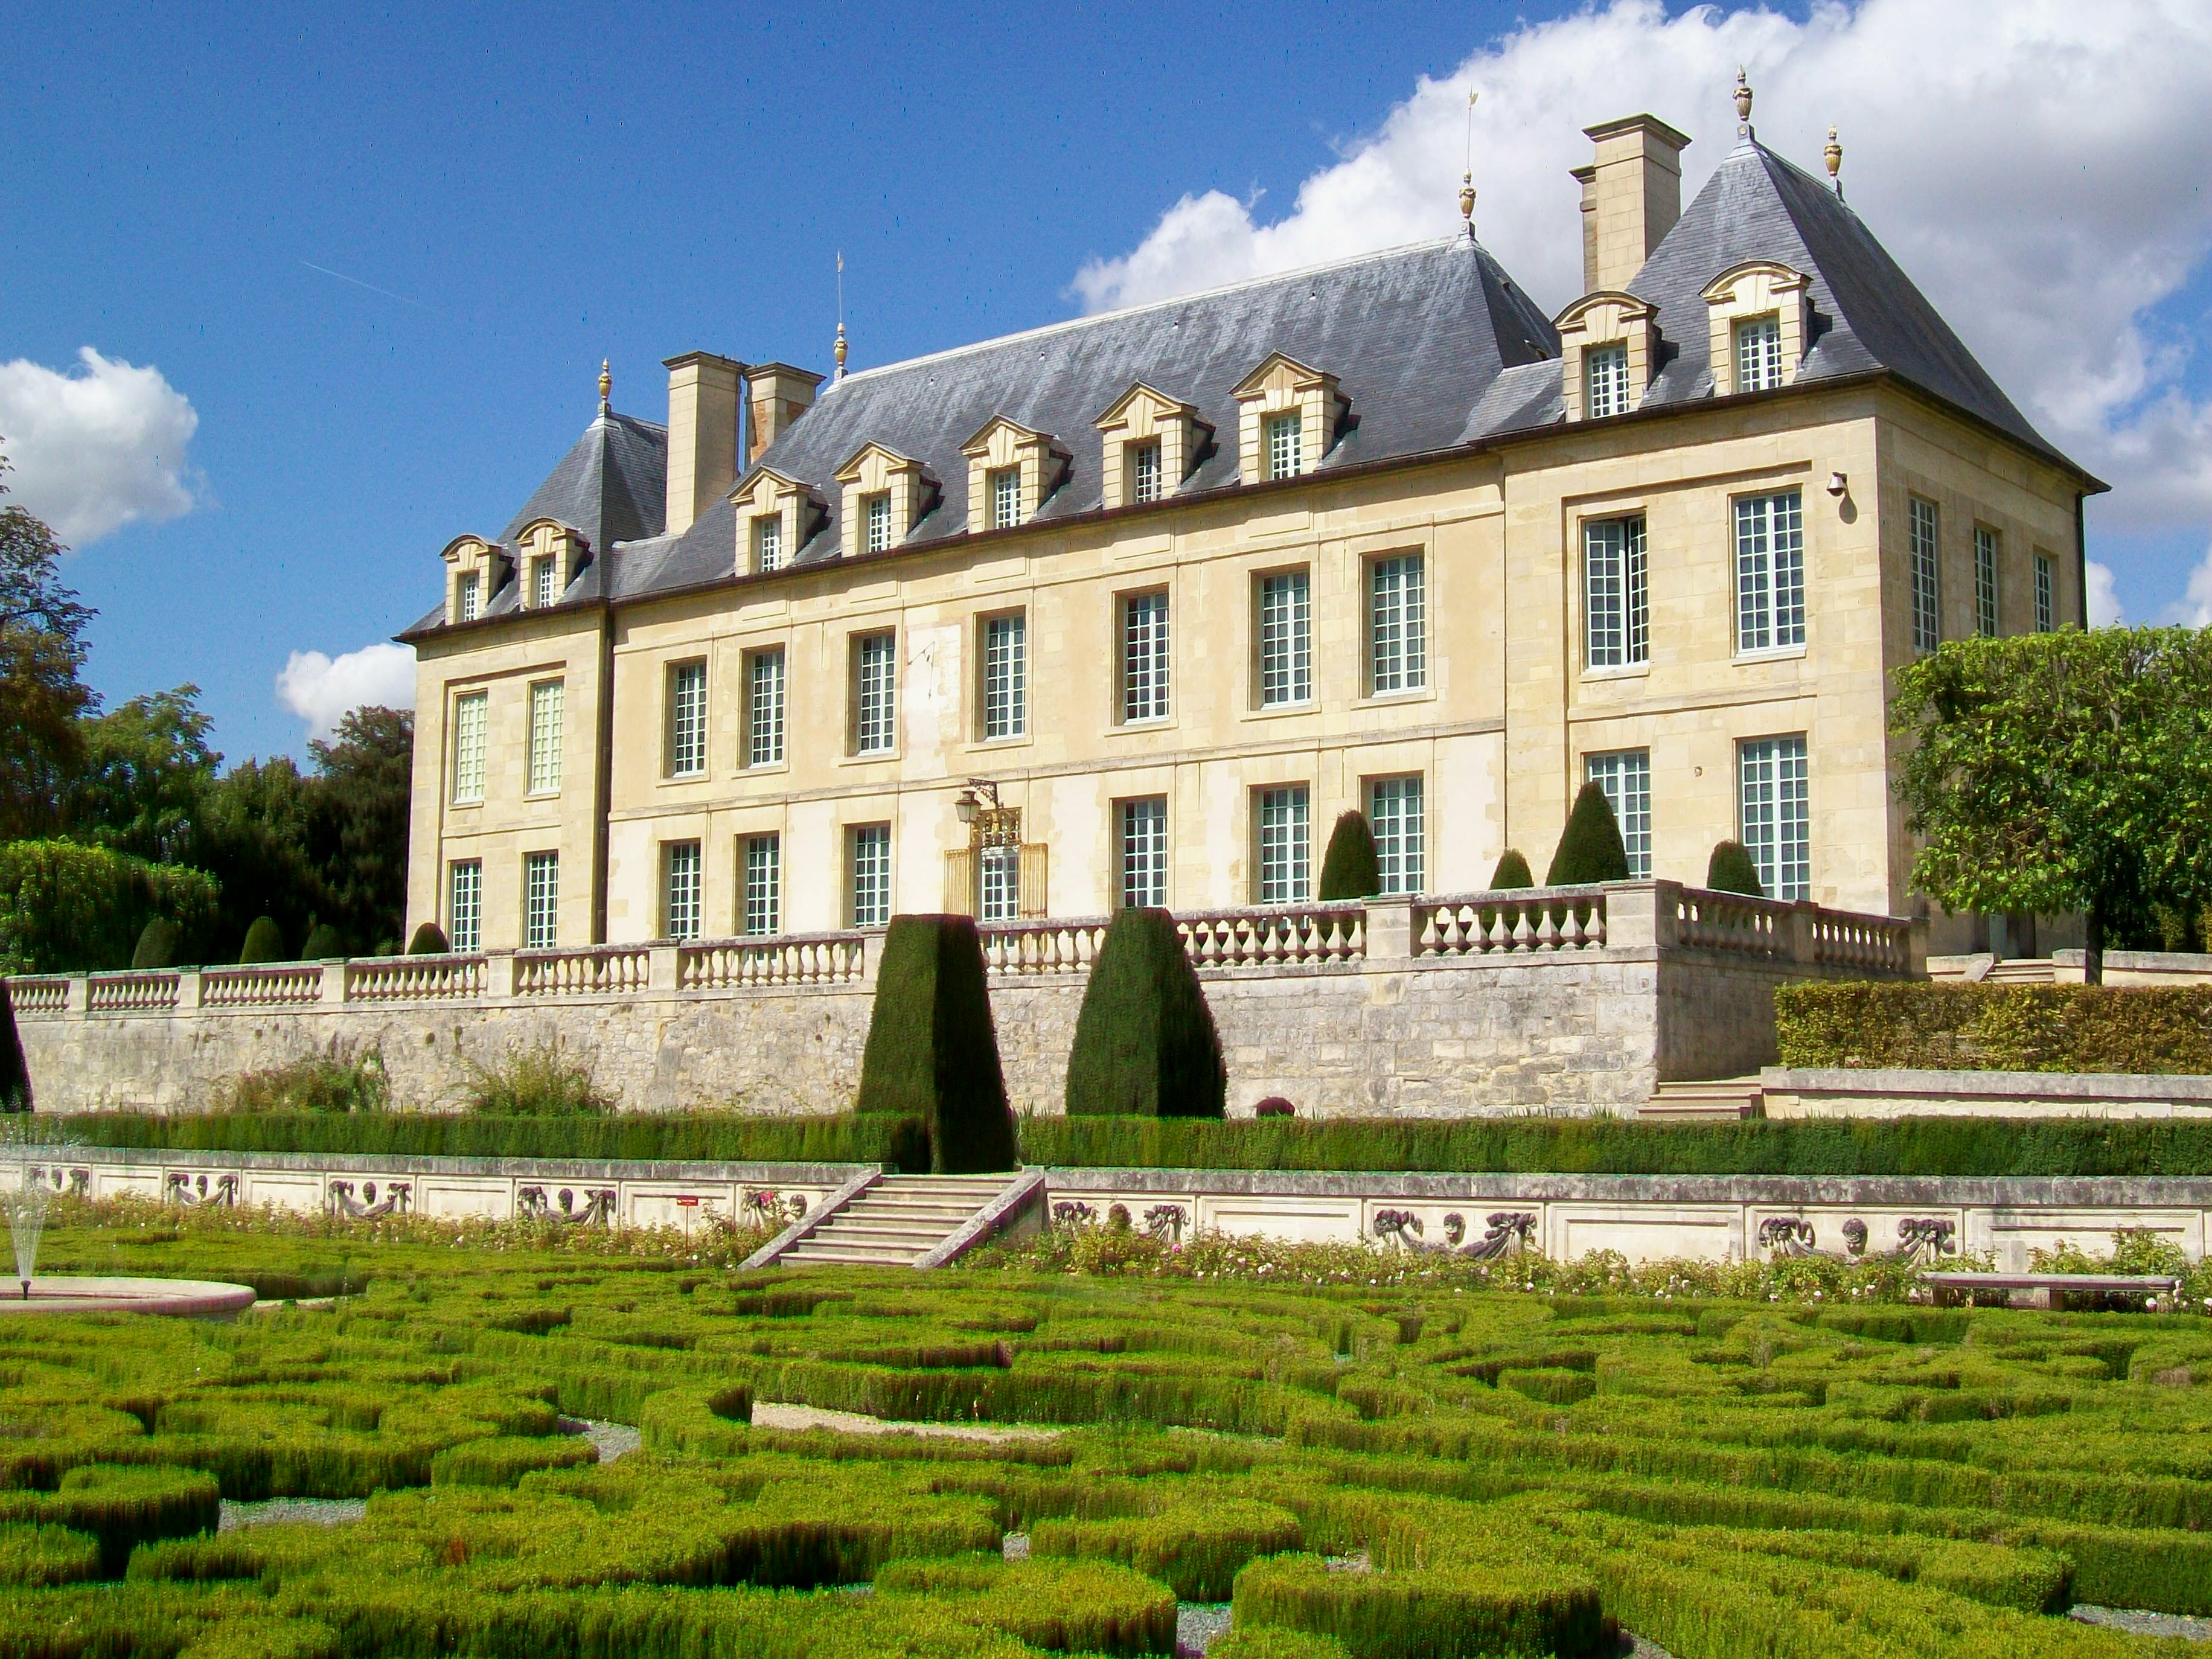 706-auvers-sur-oise-chateau.jpg